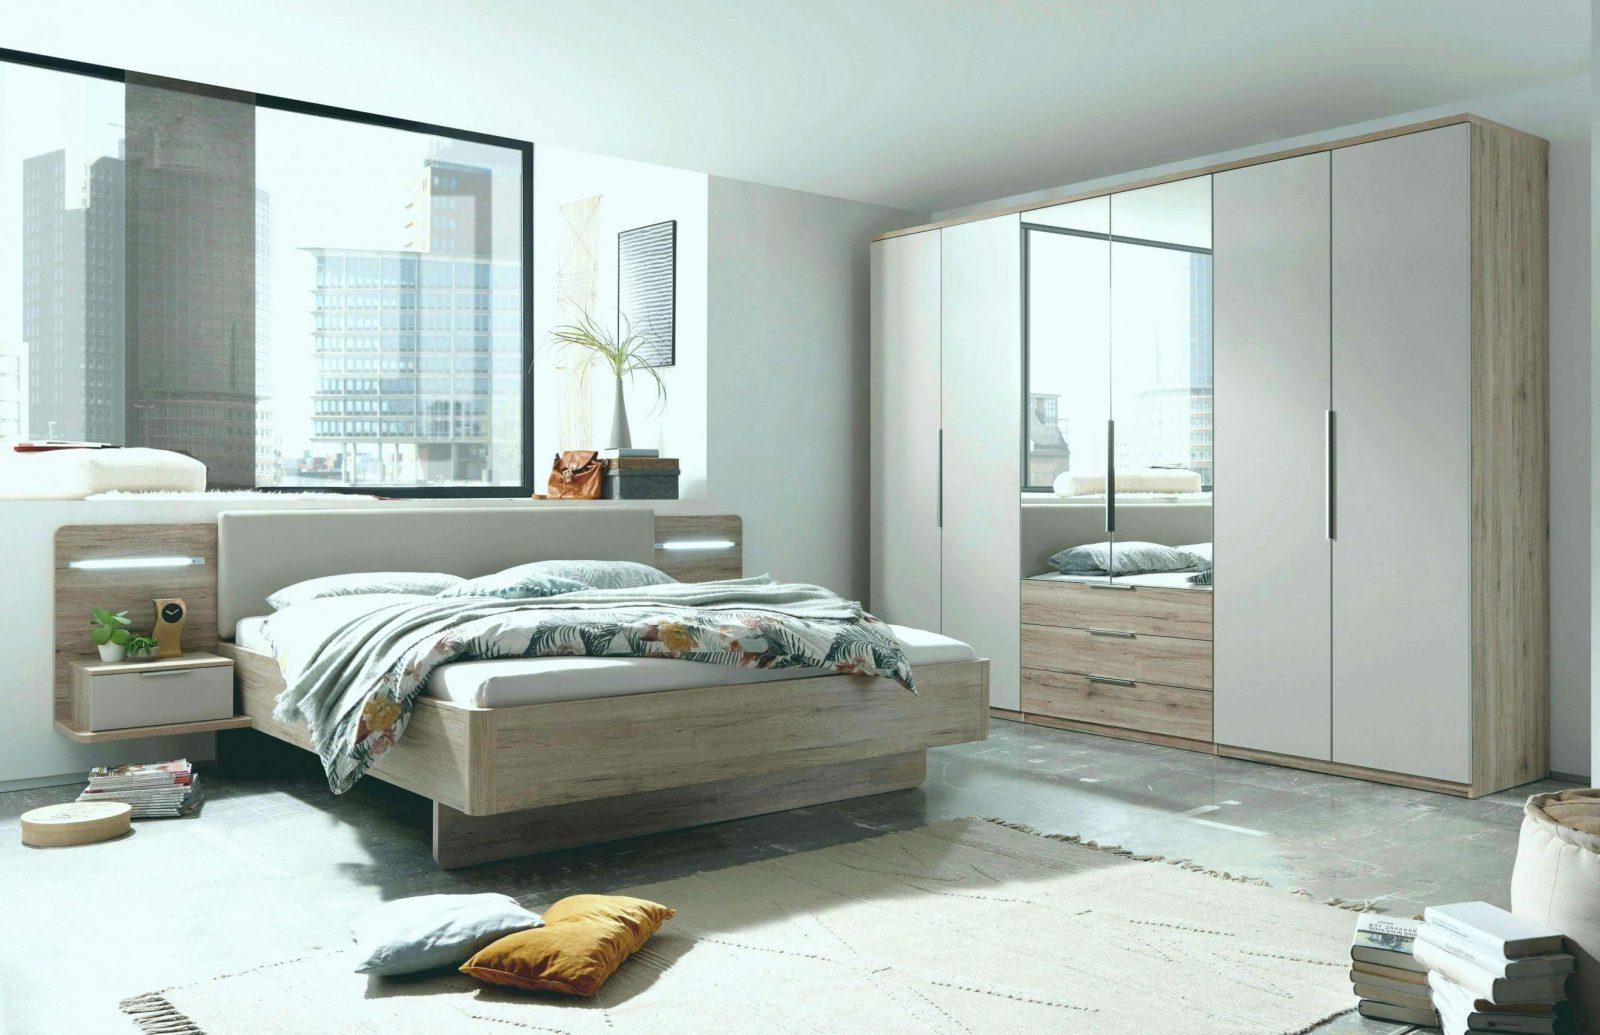 Reizend Raumteiler Wohnzimmer Schlafzimmer  Haus Zimmer Idee von Raumteiler Ideen Schlafzimmer Bild